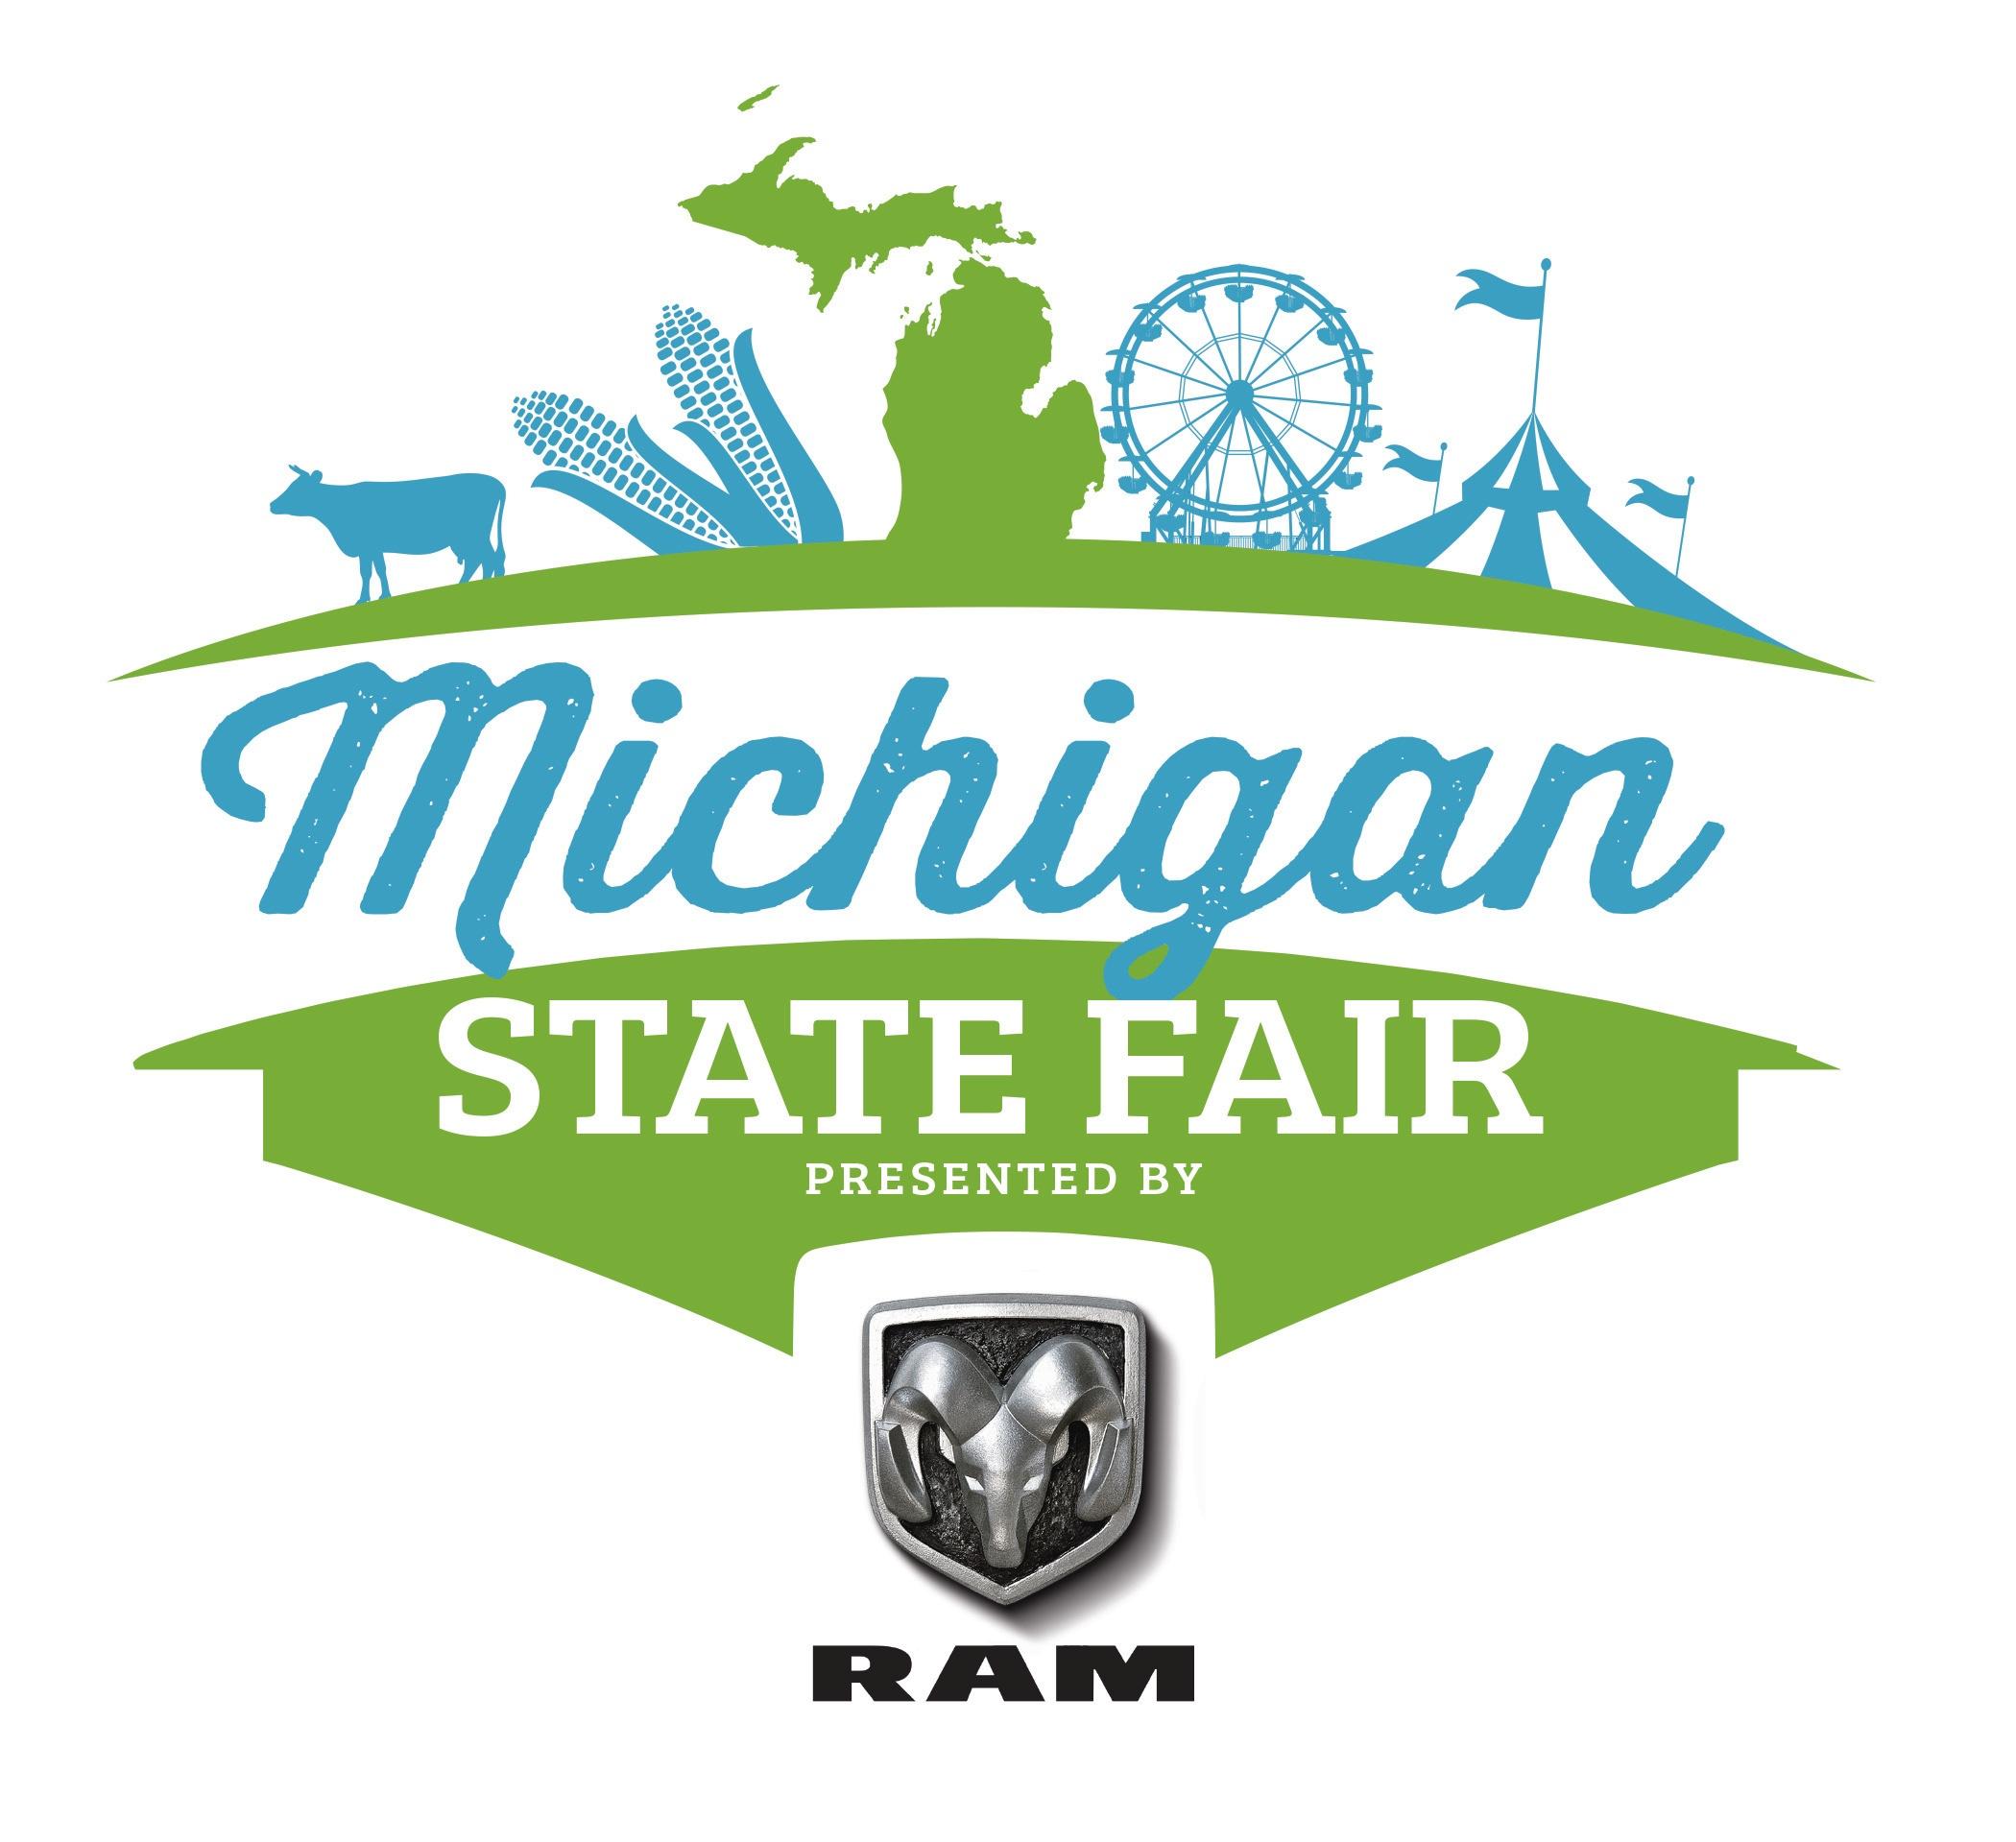 state fair-1.jpg